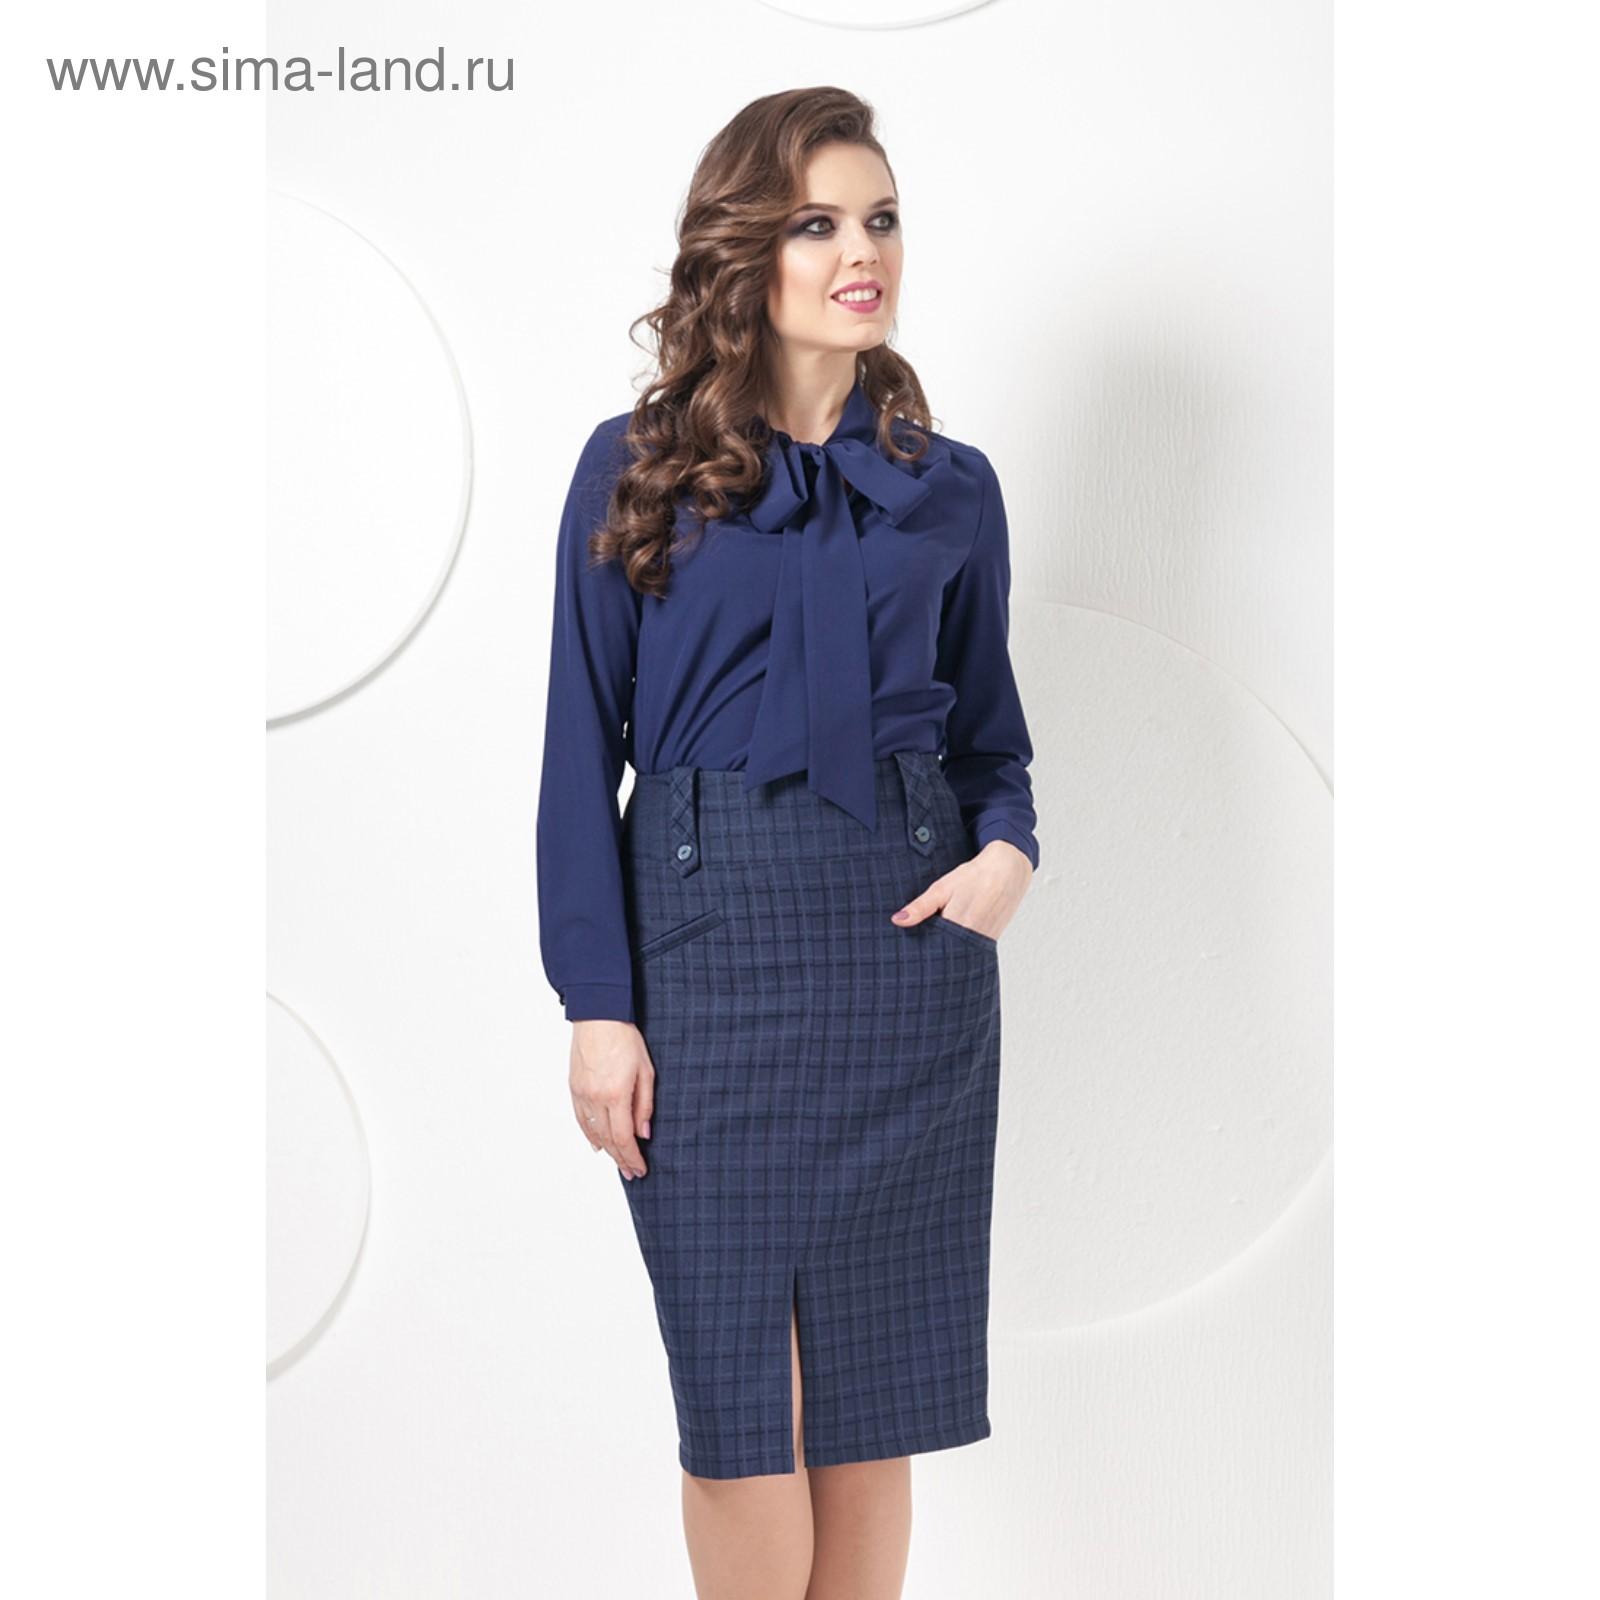 Юбка Ю-202 женская, размер 46, цвет темно-синий (3415040) - Купить ... 6bbcb30f66c